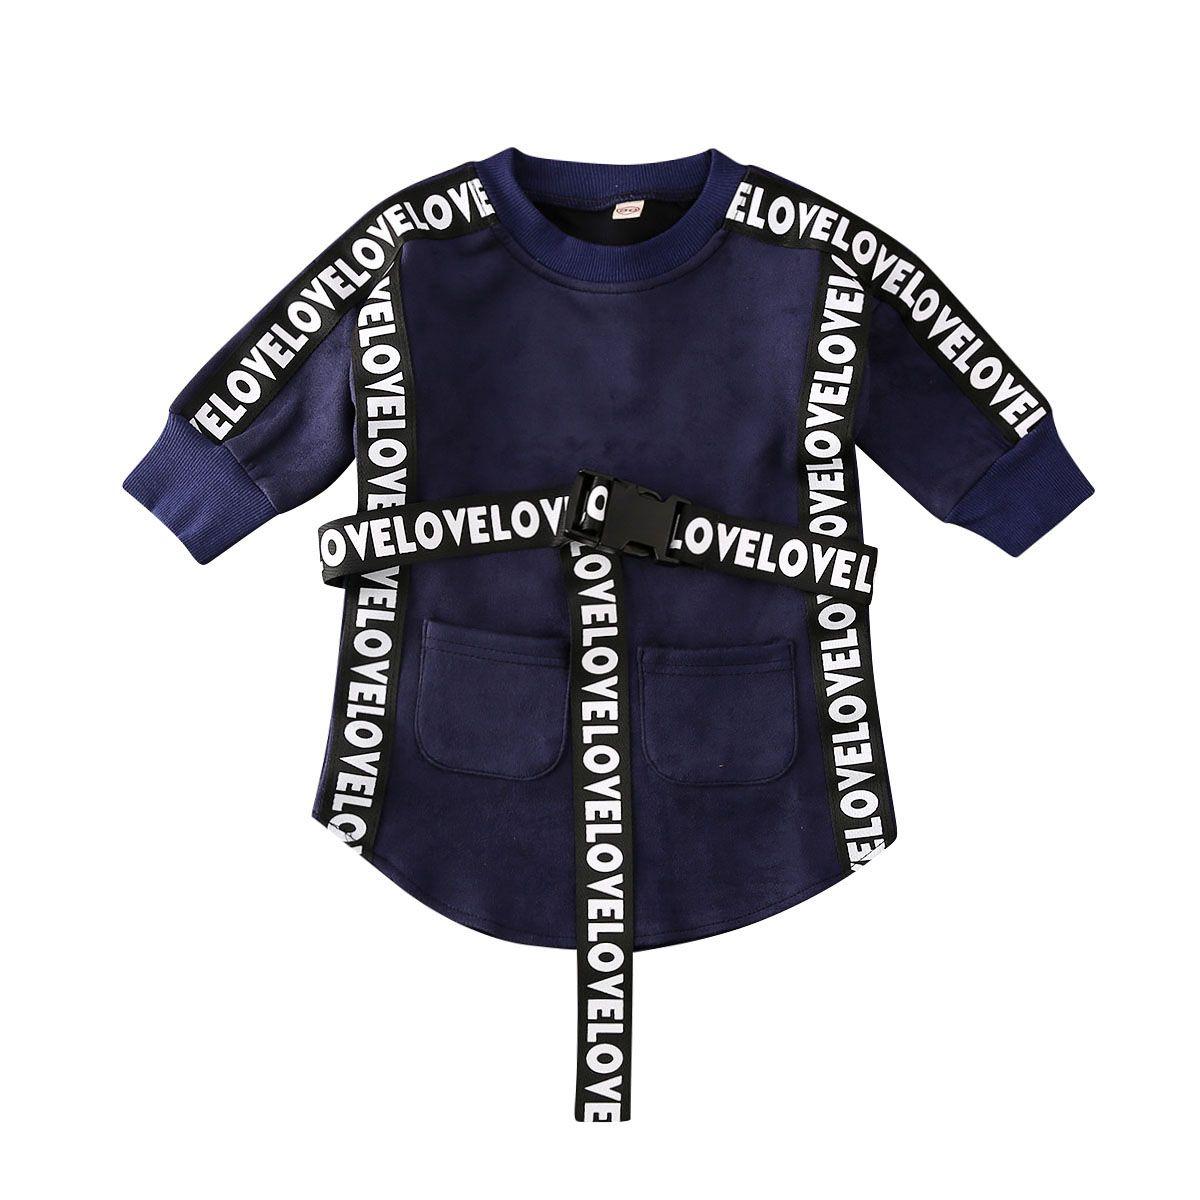 6M-5Y-Kleinkind-Baby-Kind-Mädchen-Brief-gerades Kleid Herbst-Winter-lange Hülsen-Partei-Kleider für Mädchen Kinder Kostüme